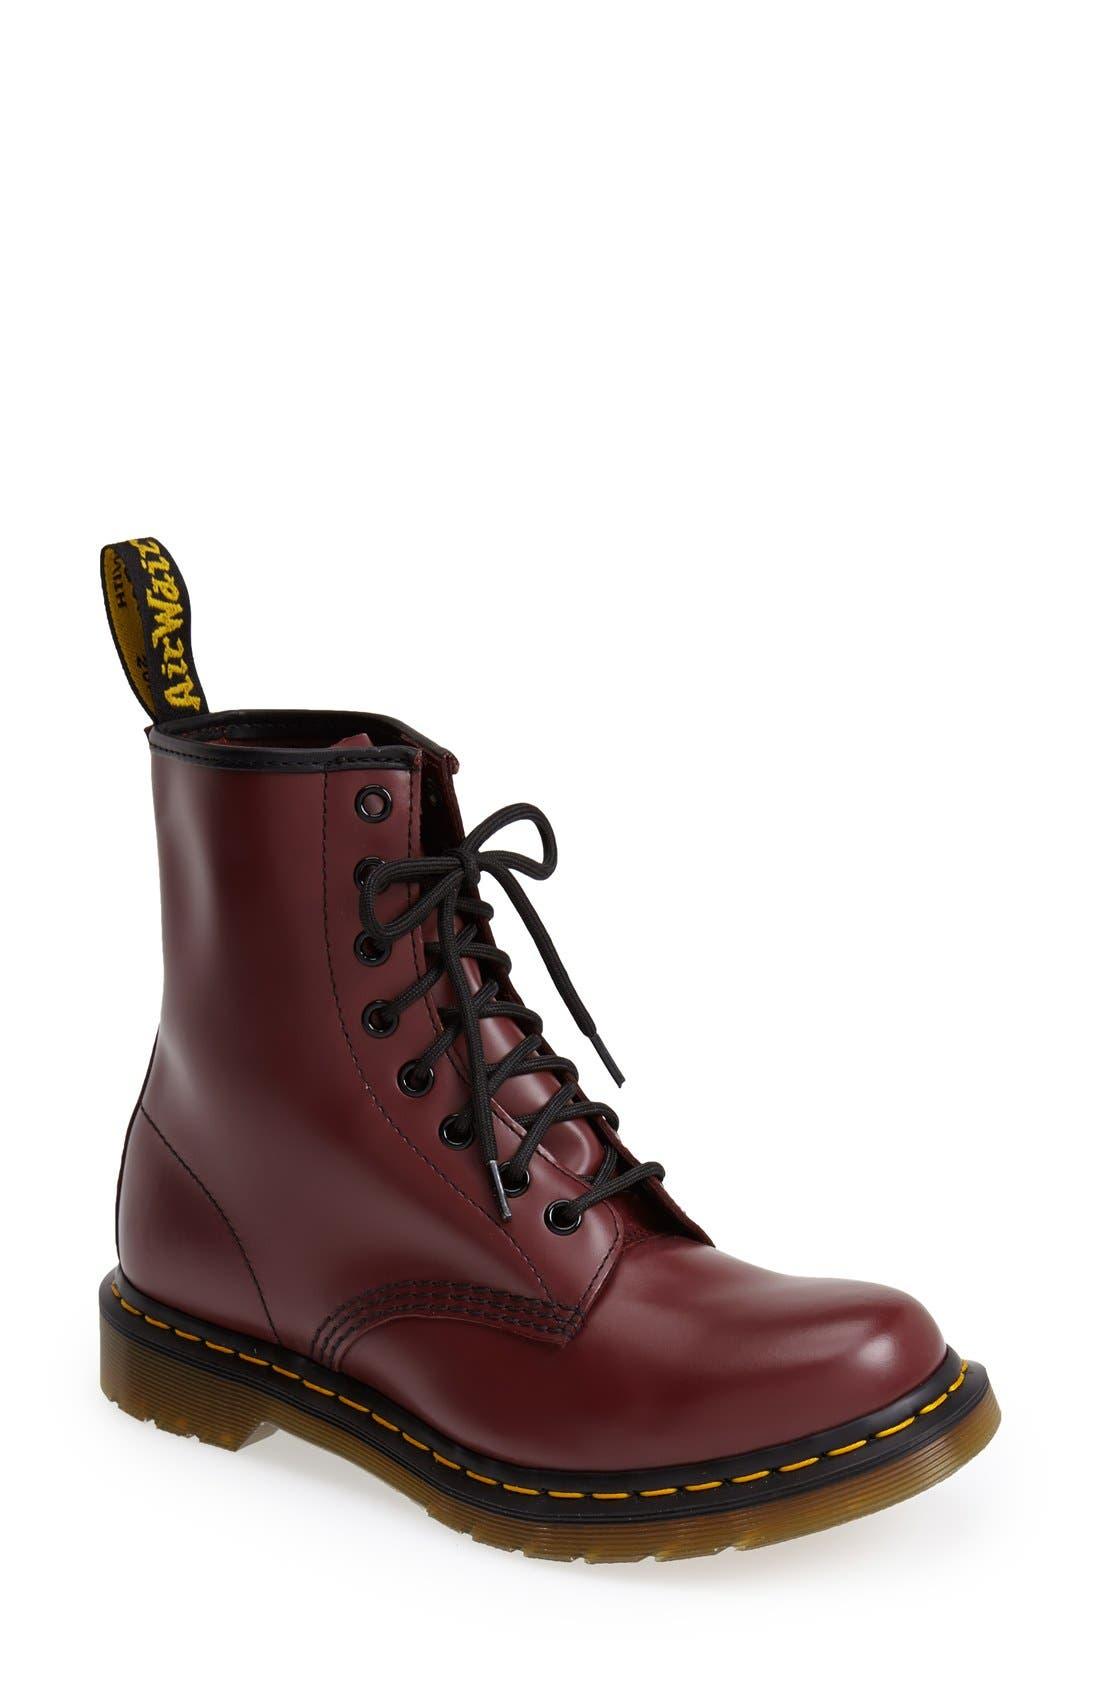 44e5b72831 Dr. Martens Women's Boots